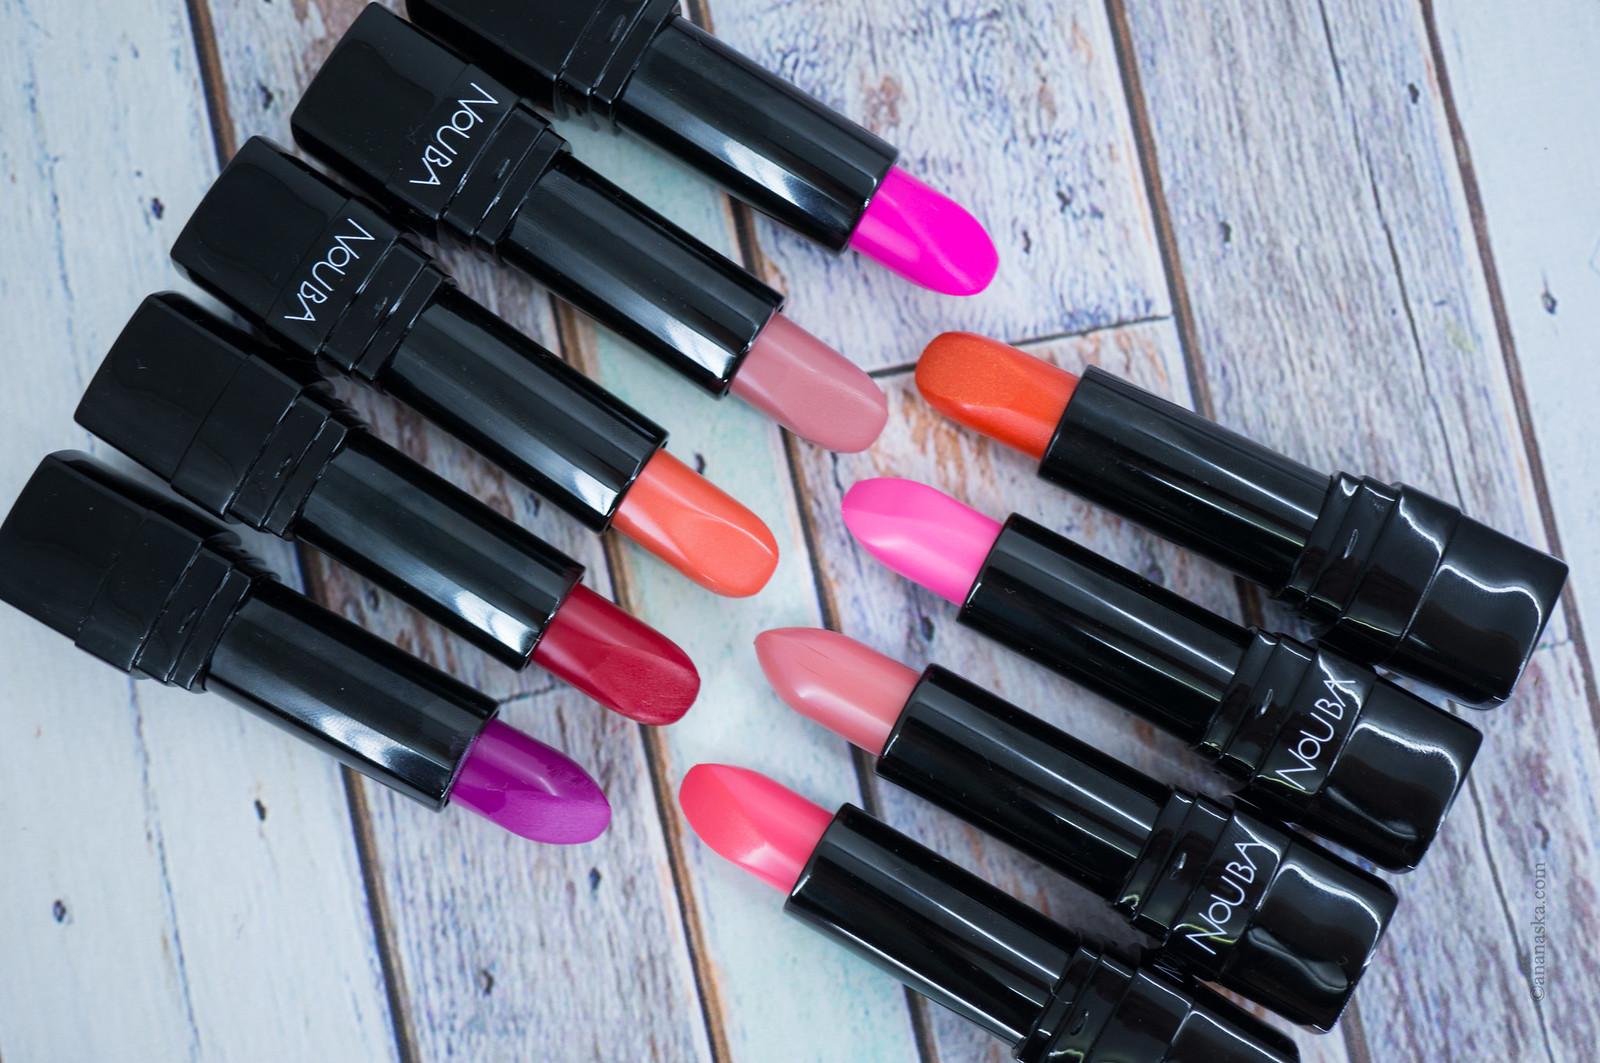 NoUBA Velvet Touch Lipstick